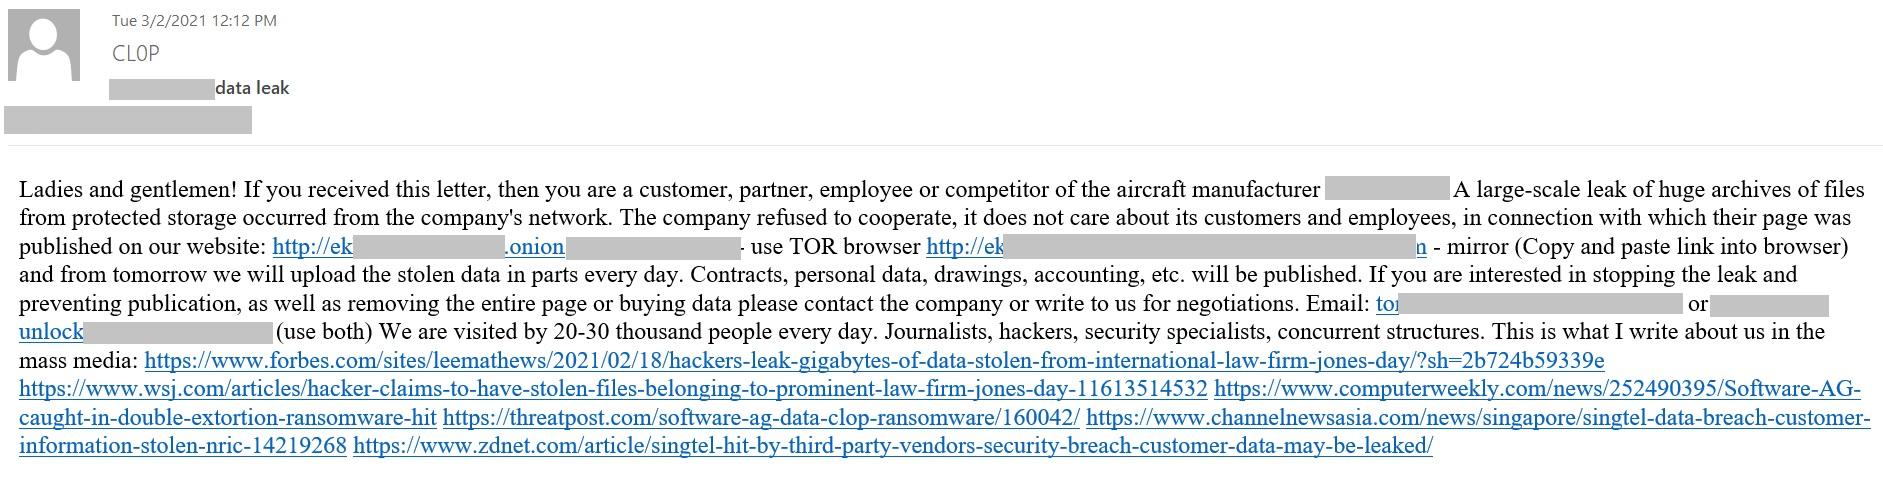 従業員、取引先、パートナー、競合他社に宛てた攻撃者からのメール